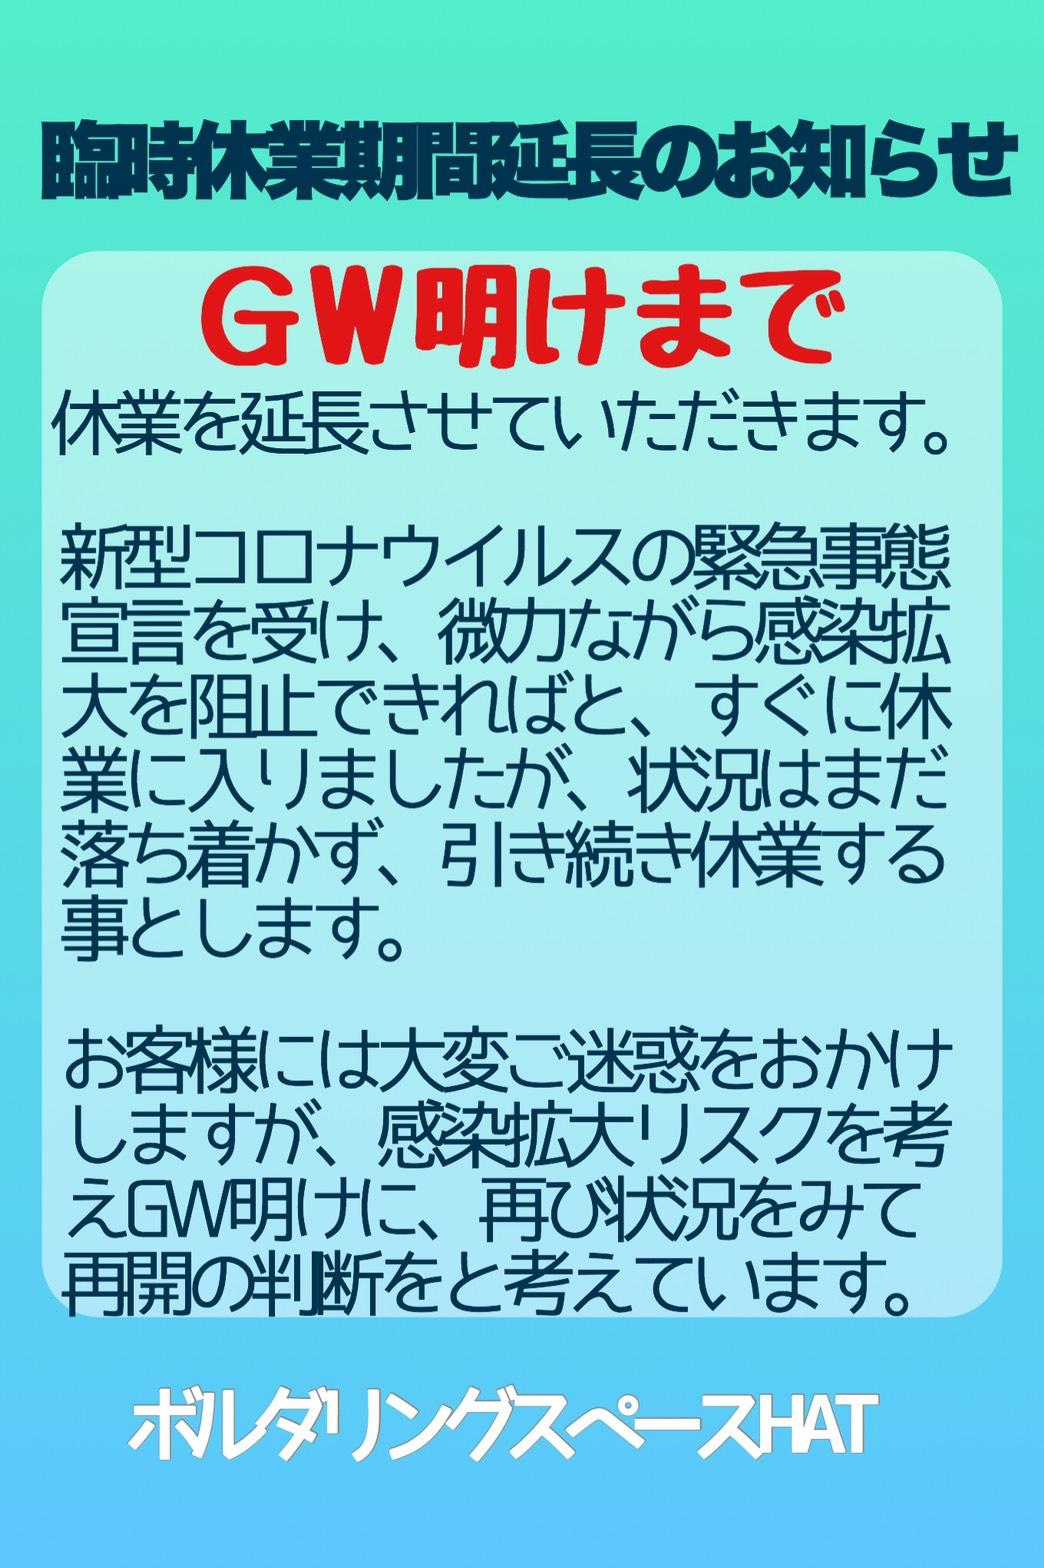 【重要】臨時休業期間延長のお知らせ